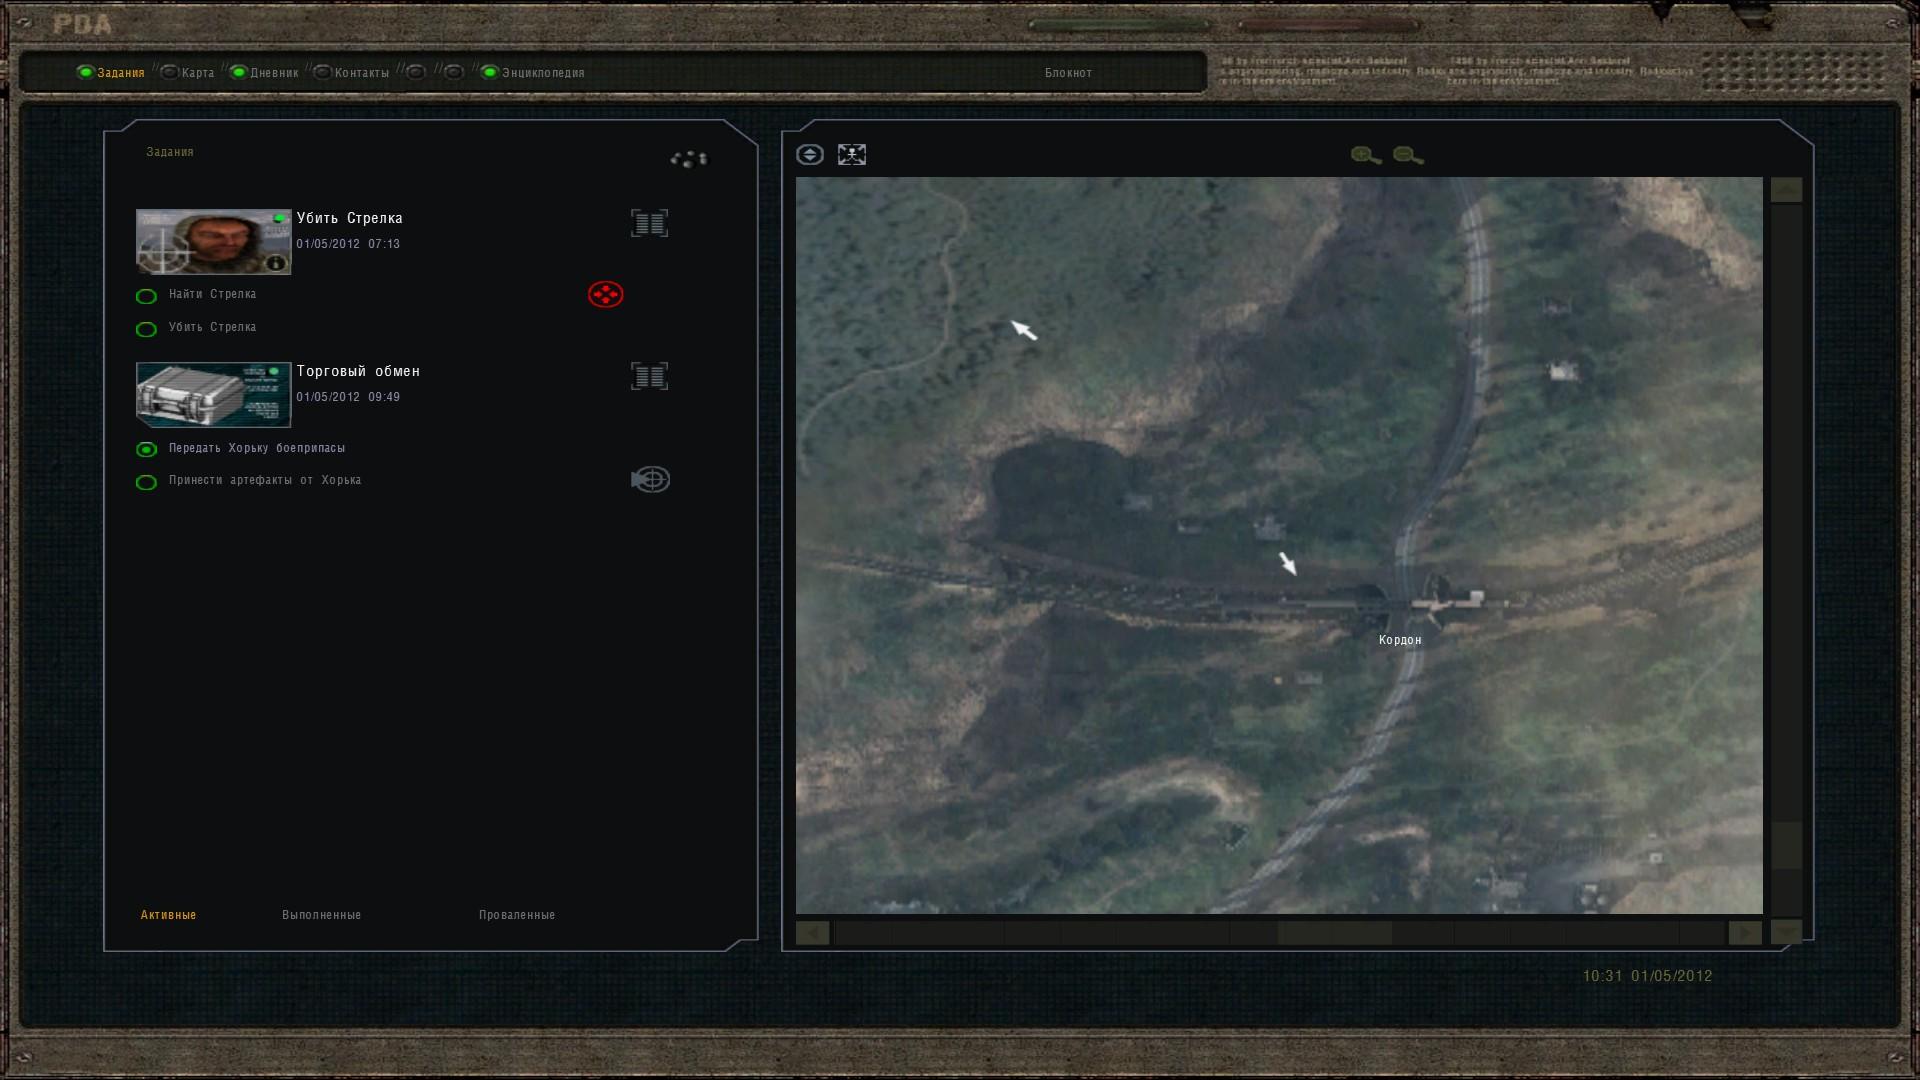 Oblivion Lost Remake 2.5 image 27